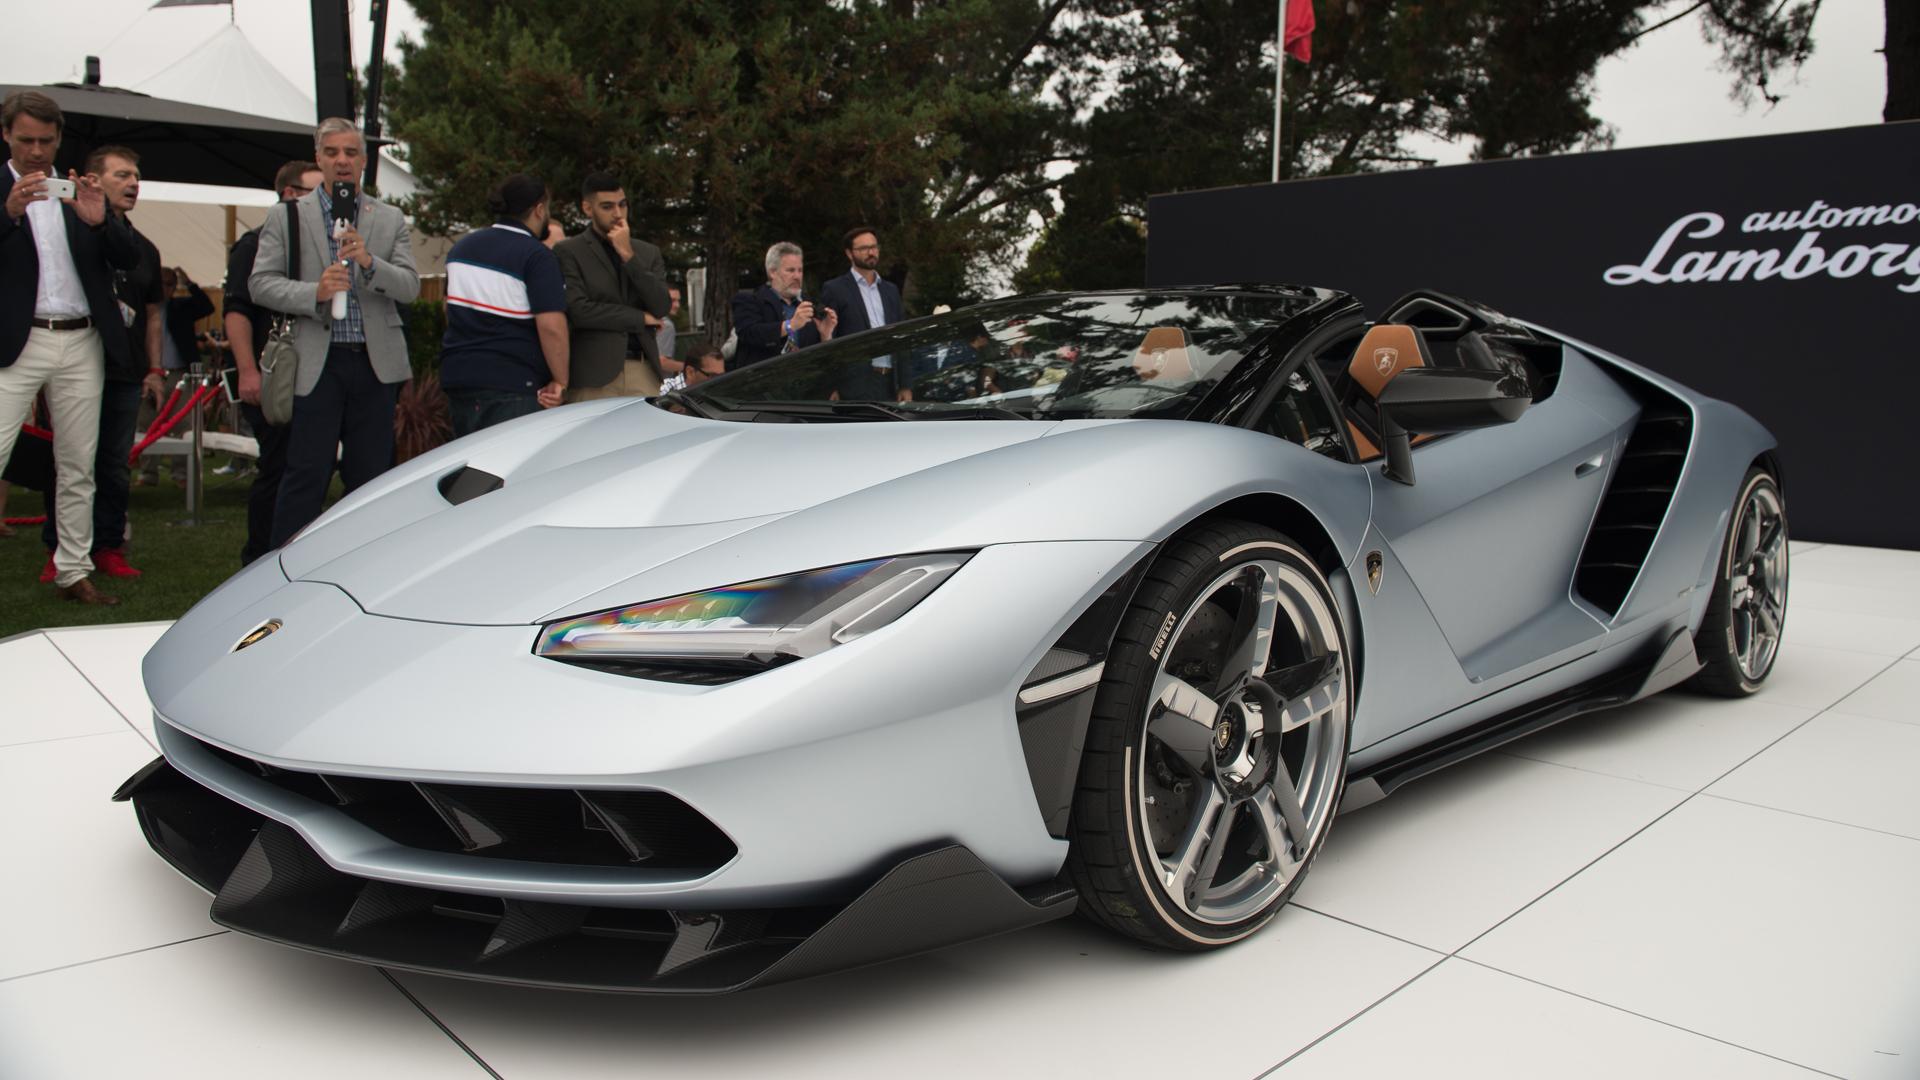 Lamborghini Centenario Roadster Shown For The First Time